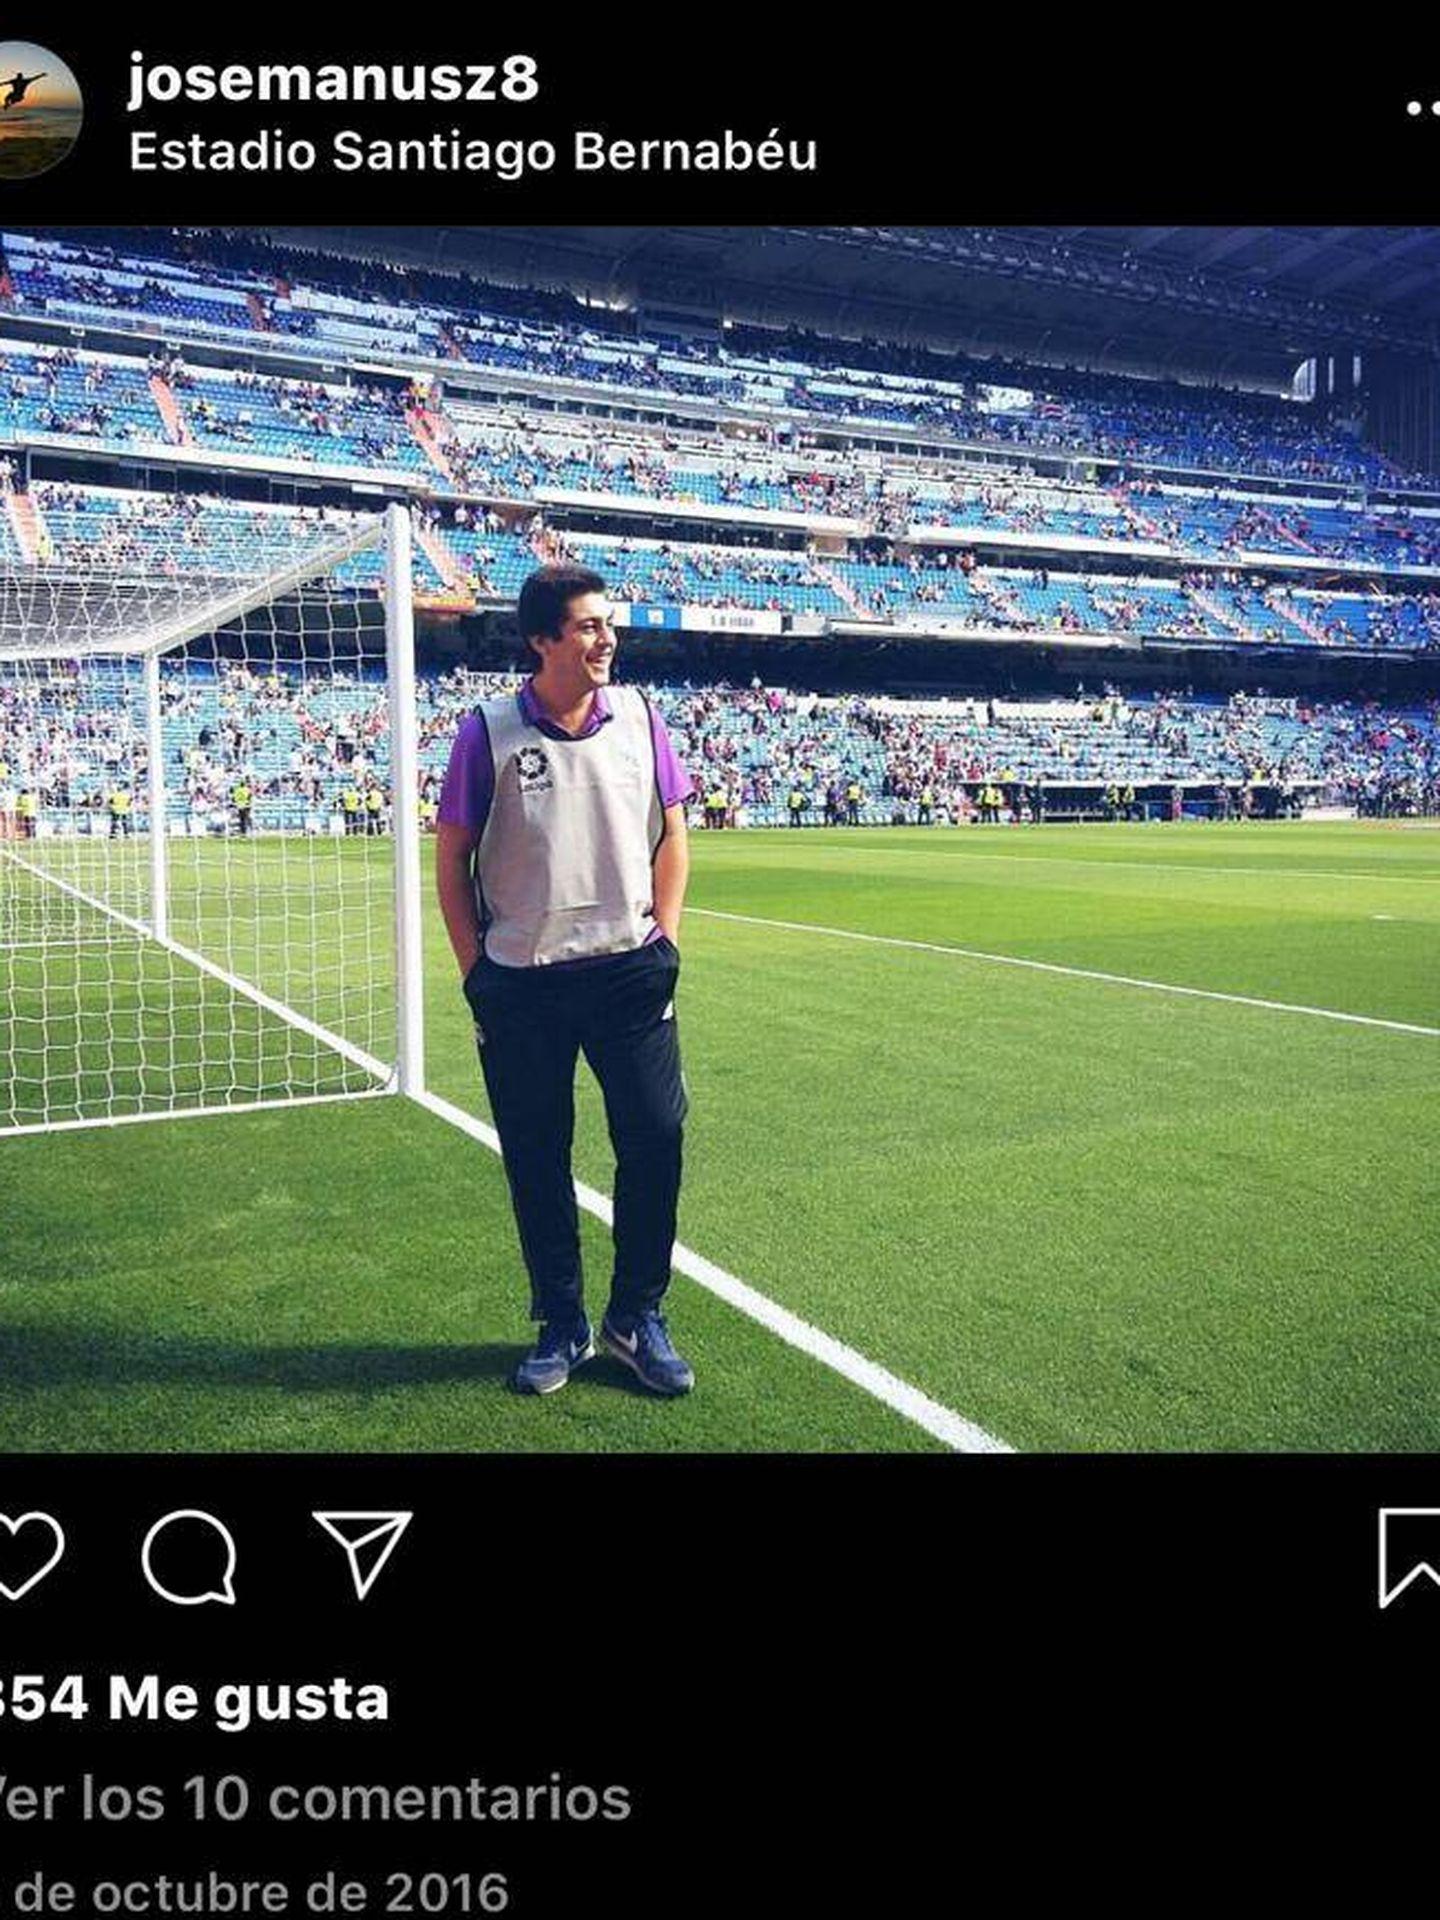 José Ramón Sandoval, de recogelotas en el Bernabéu, en su cuenta de Instagram